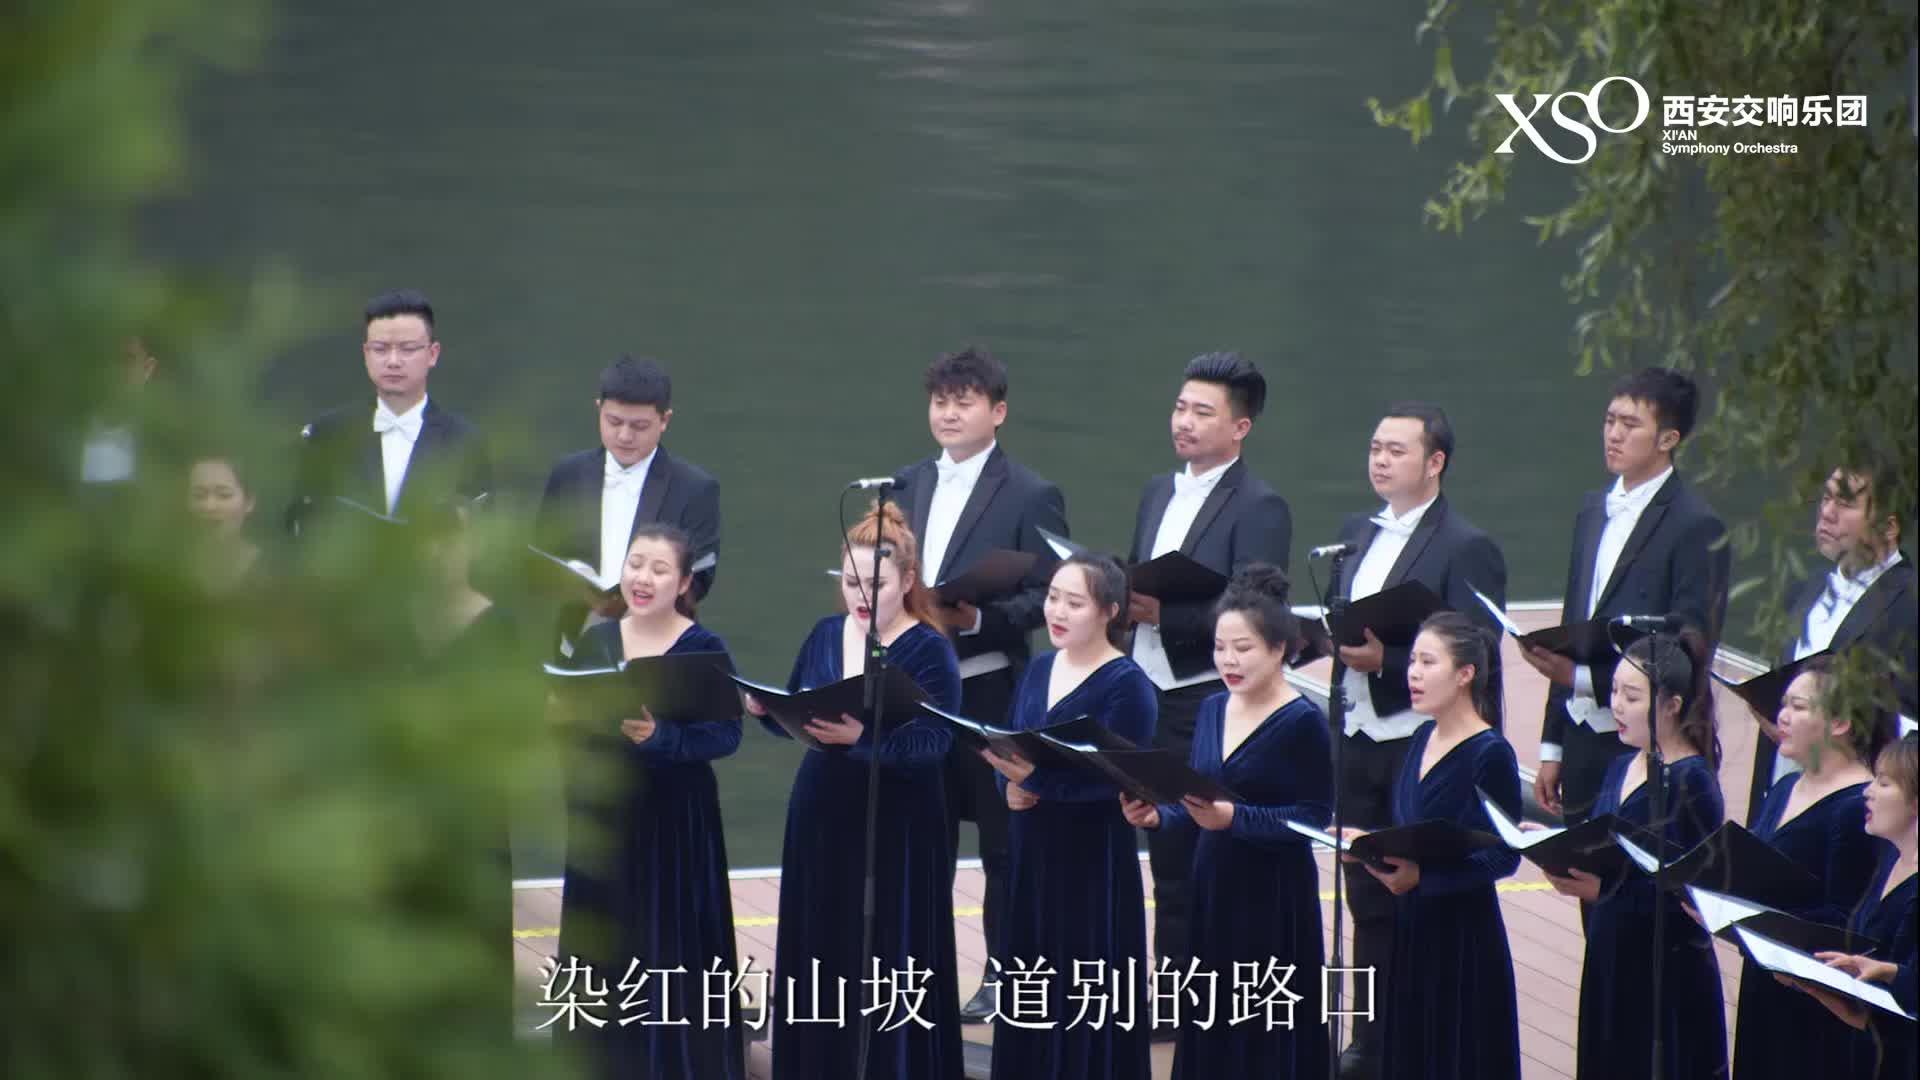 翠华山行音乐会——《凤凰花开的路口》